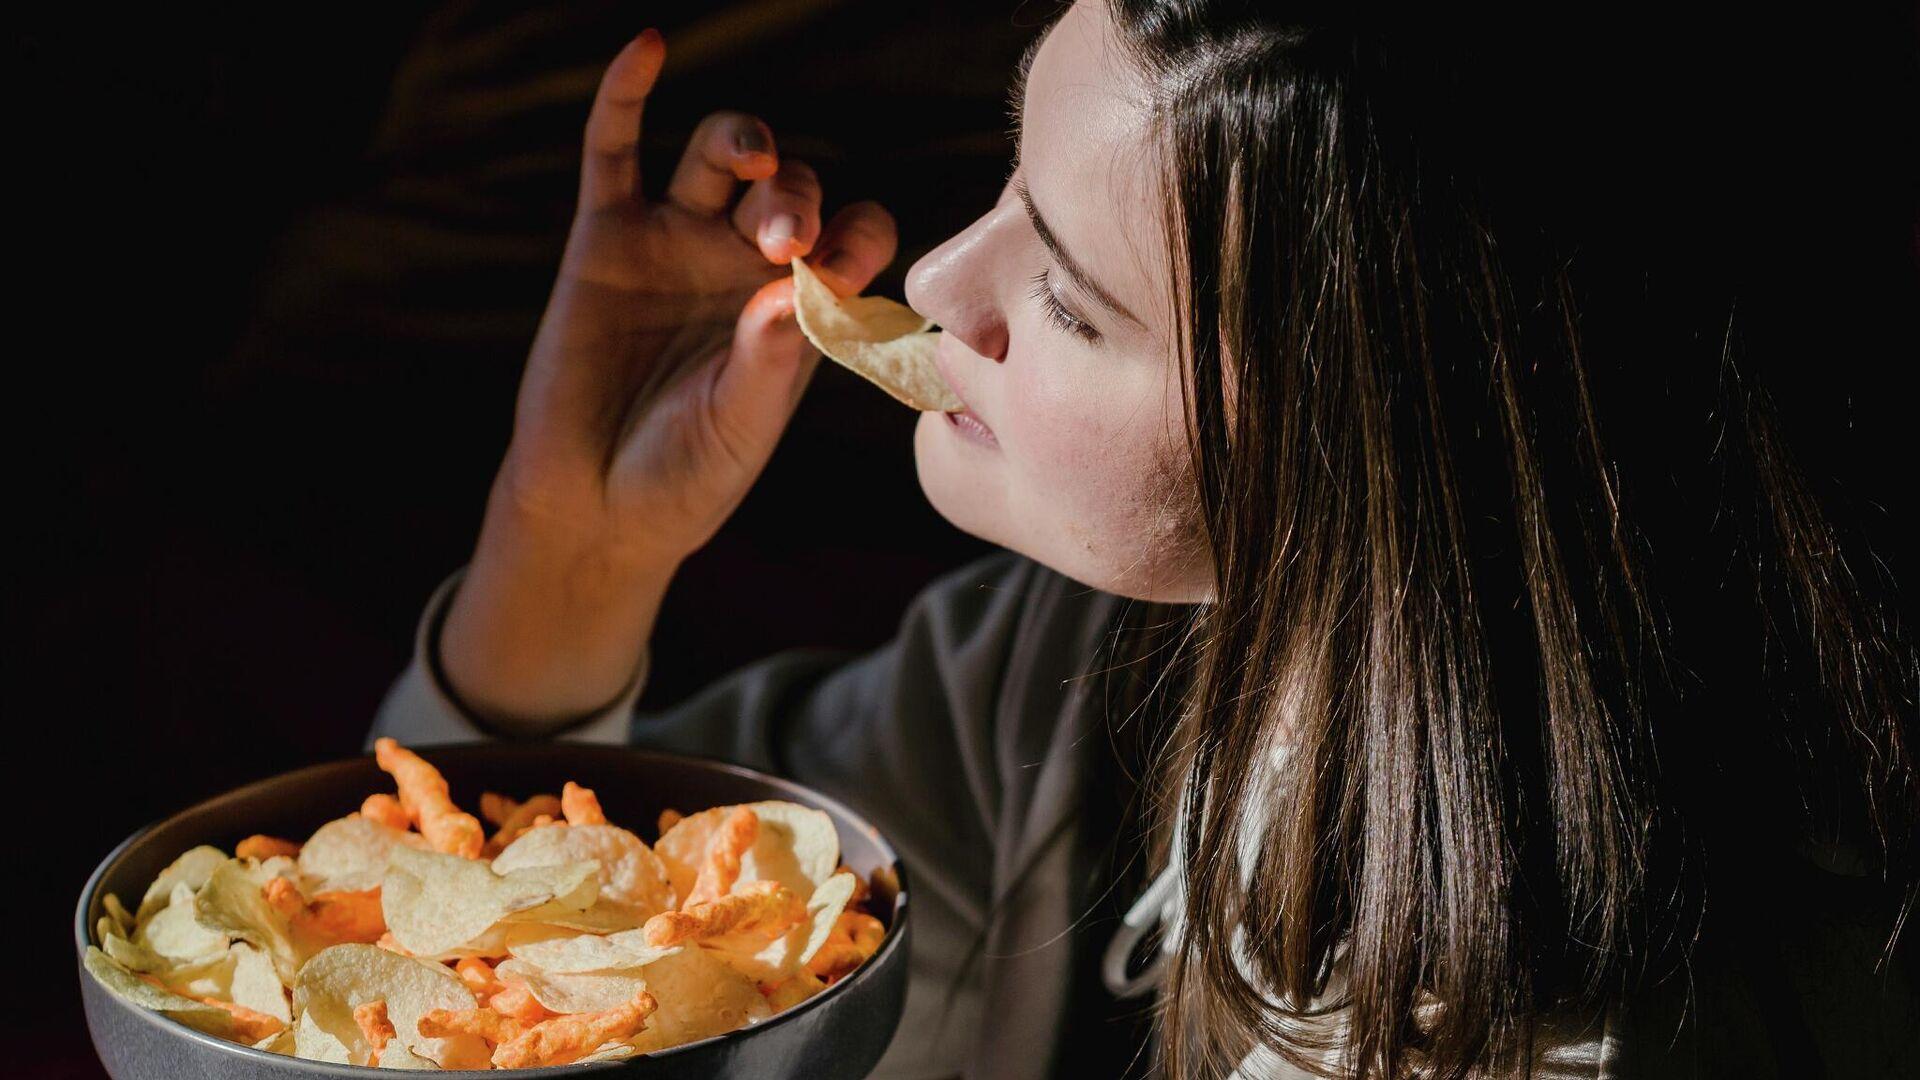 Una mujer comiendo comida chatarra - Sputnik Mundo, 1920, 01.10.2021